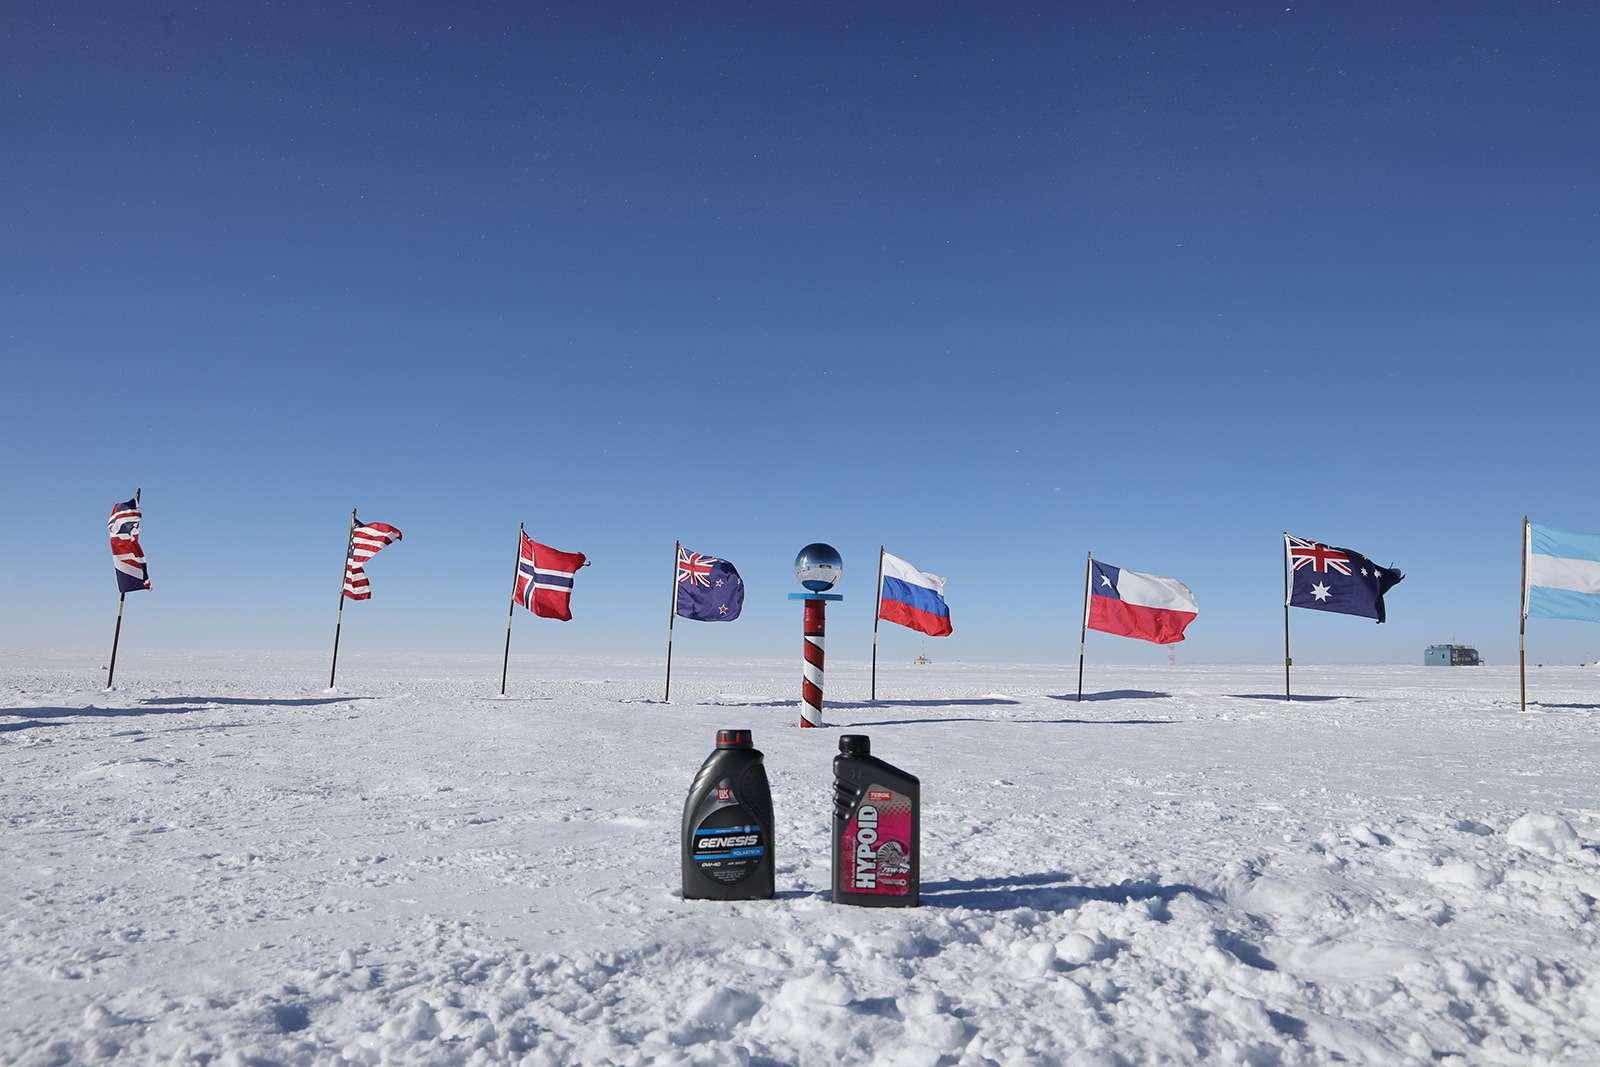 Есть рекорд: самый длинный автопробег через Антарктиду— фото 958575